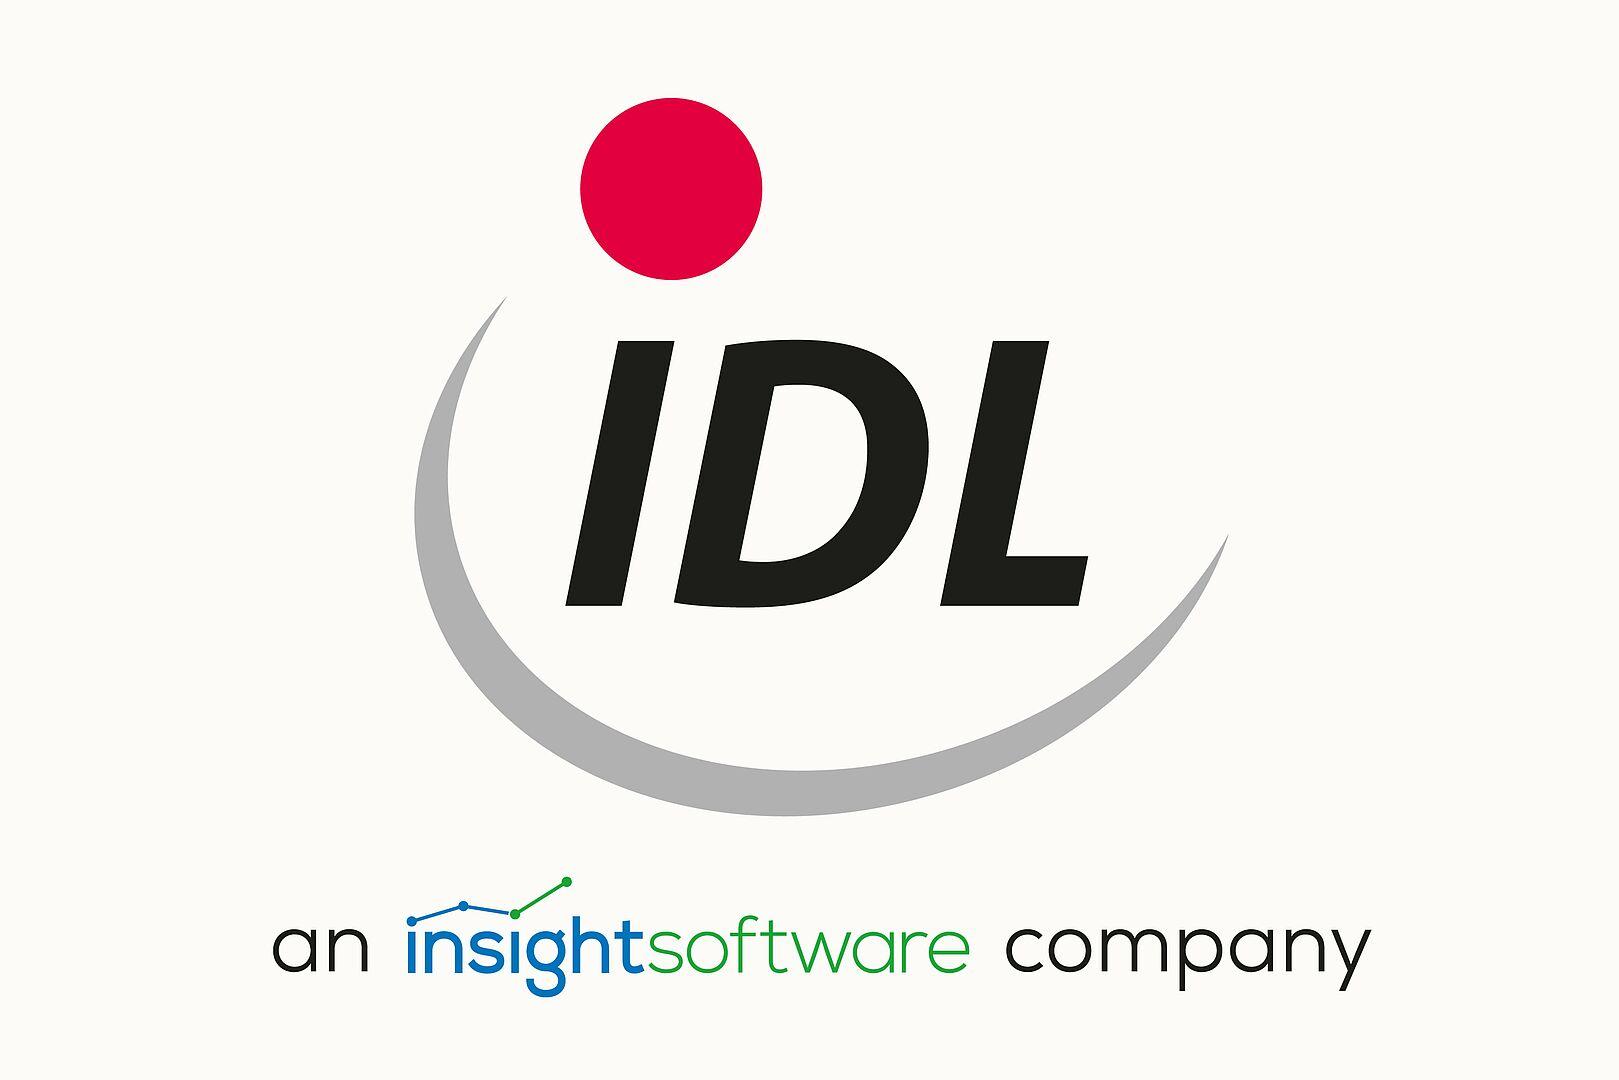 idl-anInsightSoftware-Company